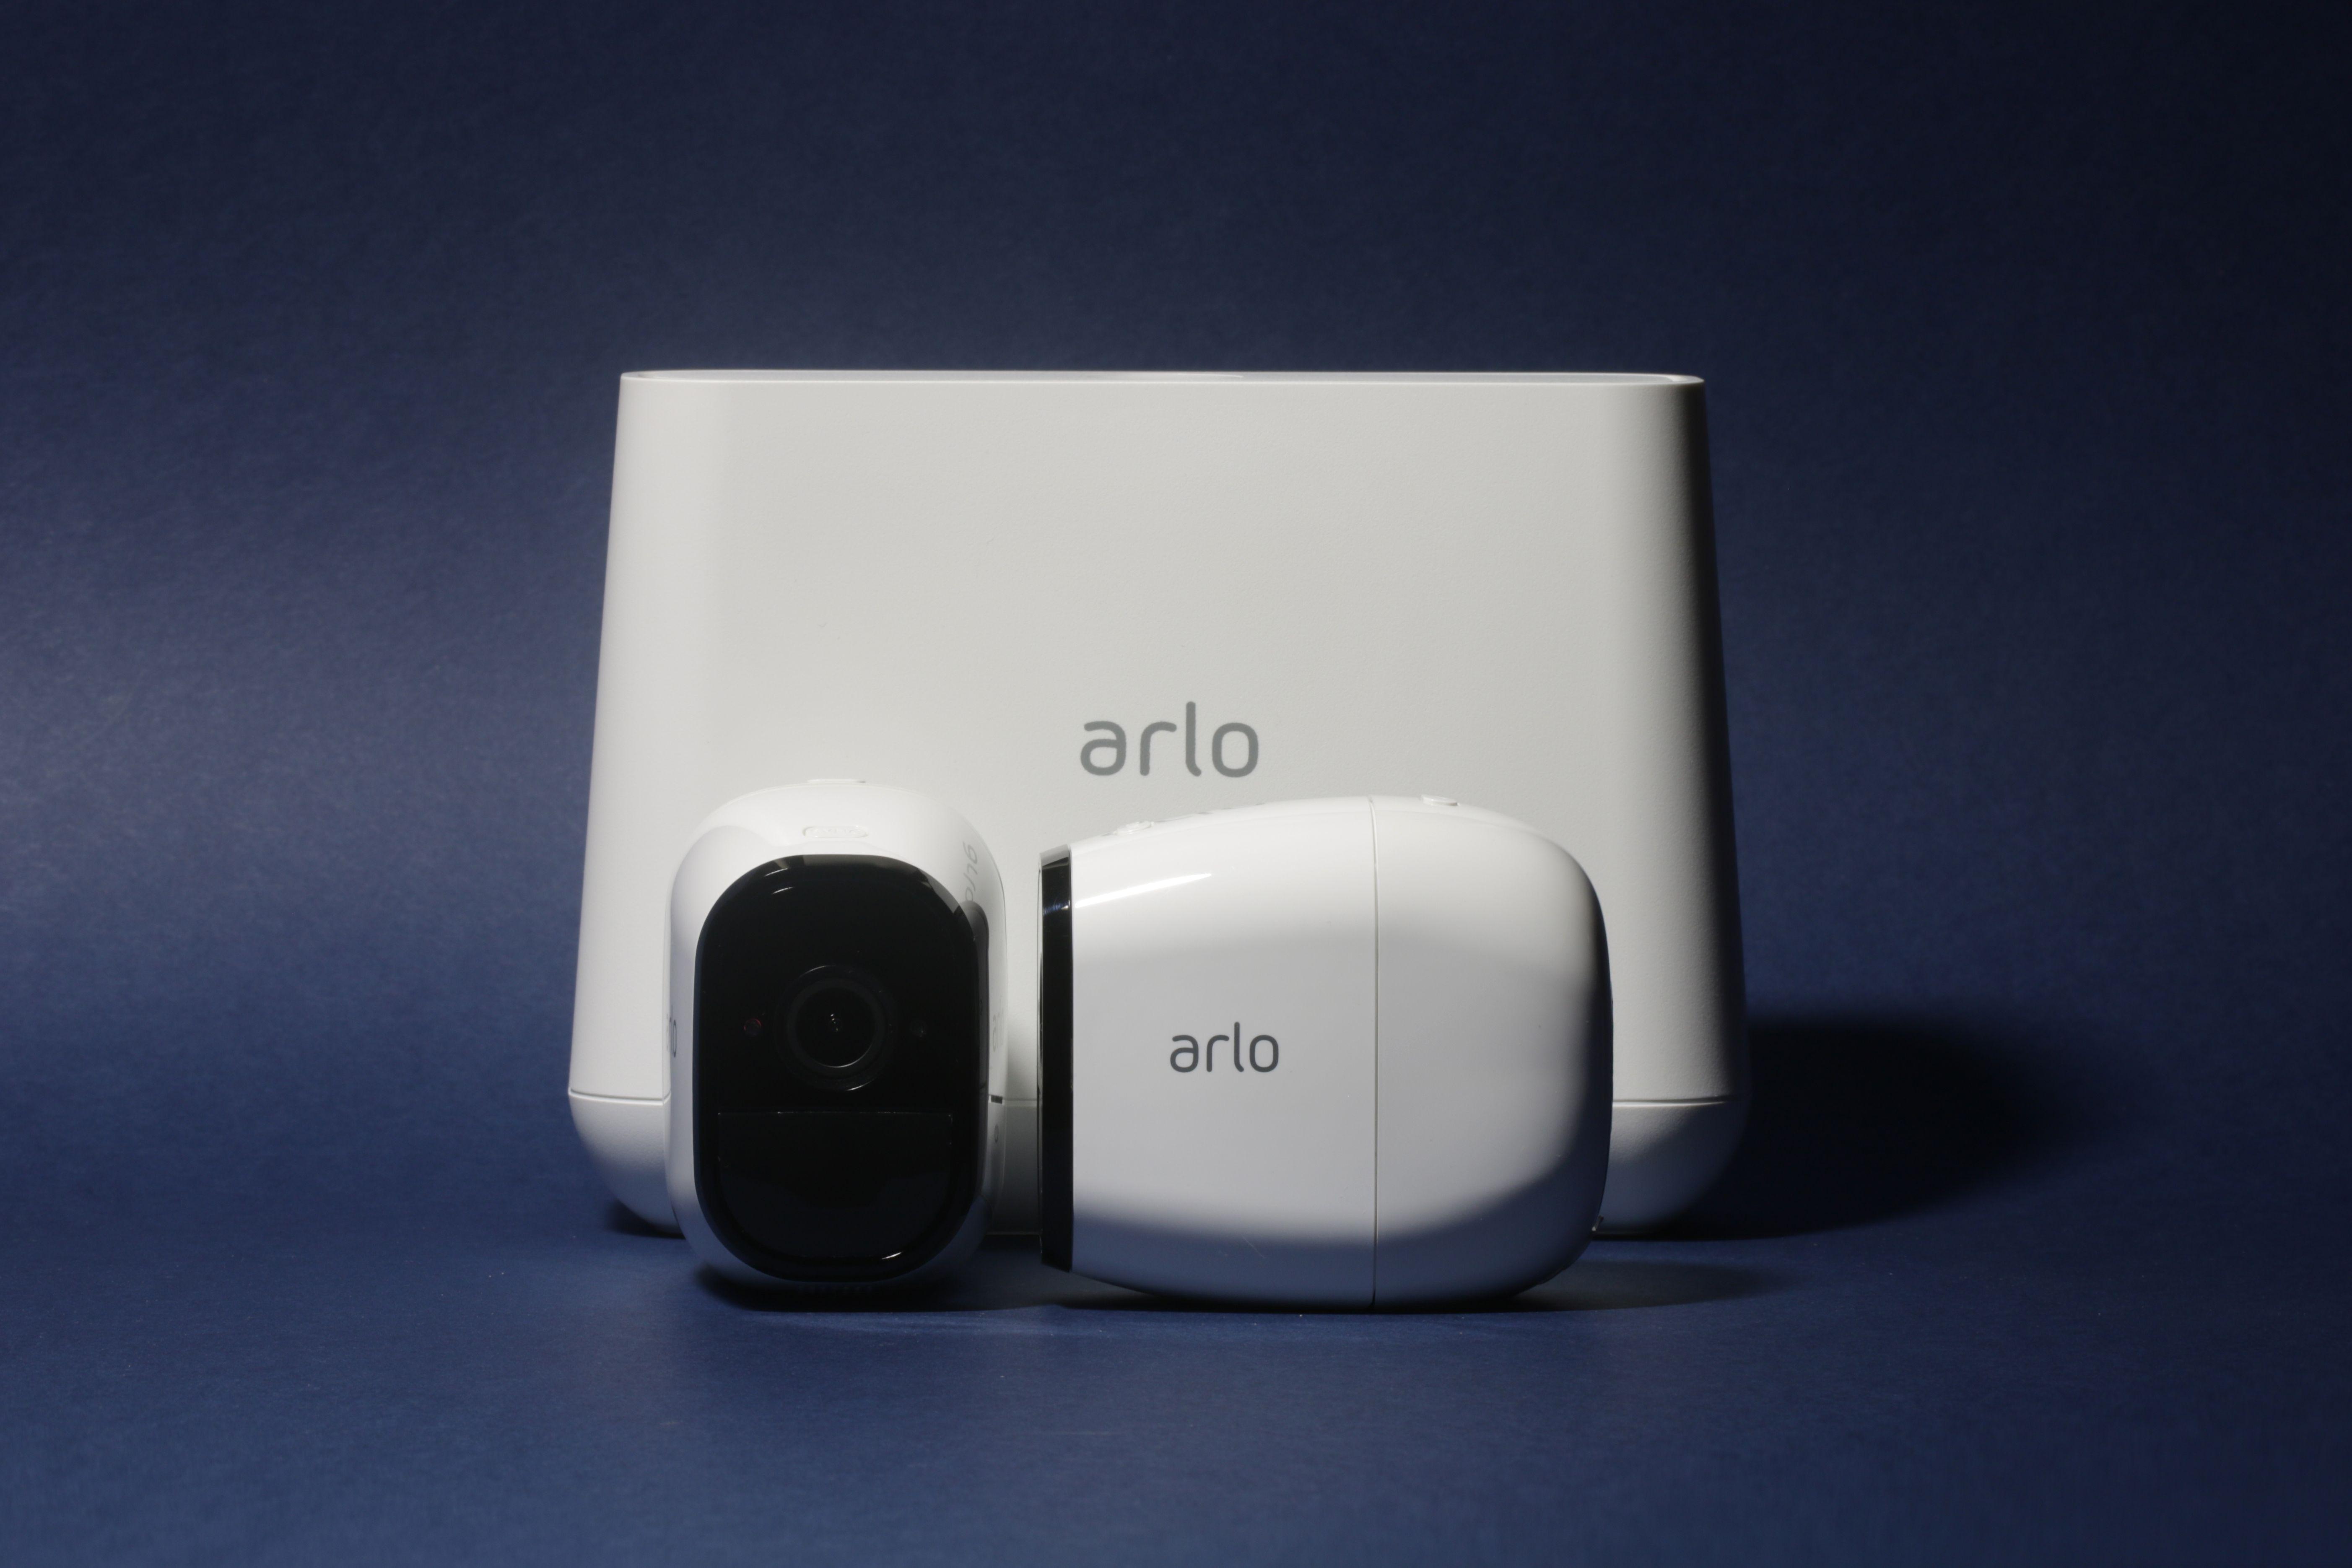 The CWO Netgear Arlo Apple ipad, Ipad, Macbook